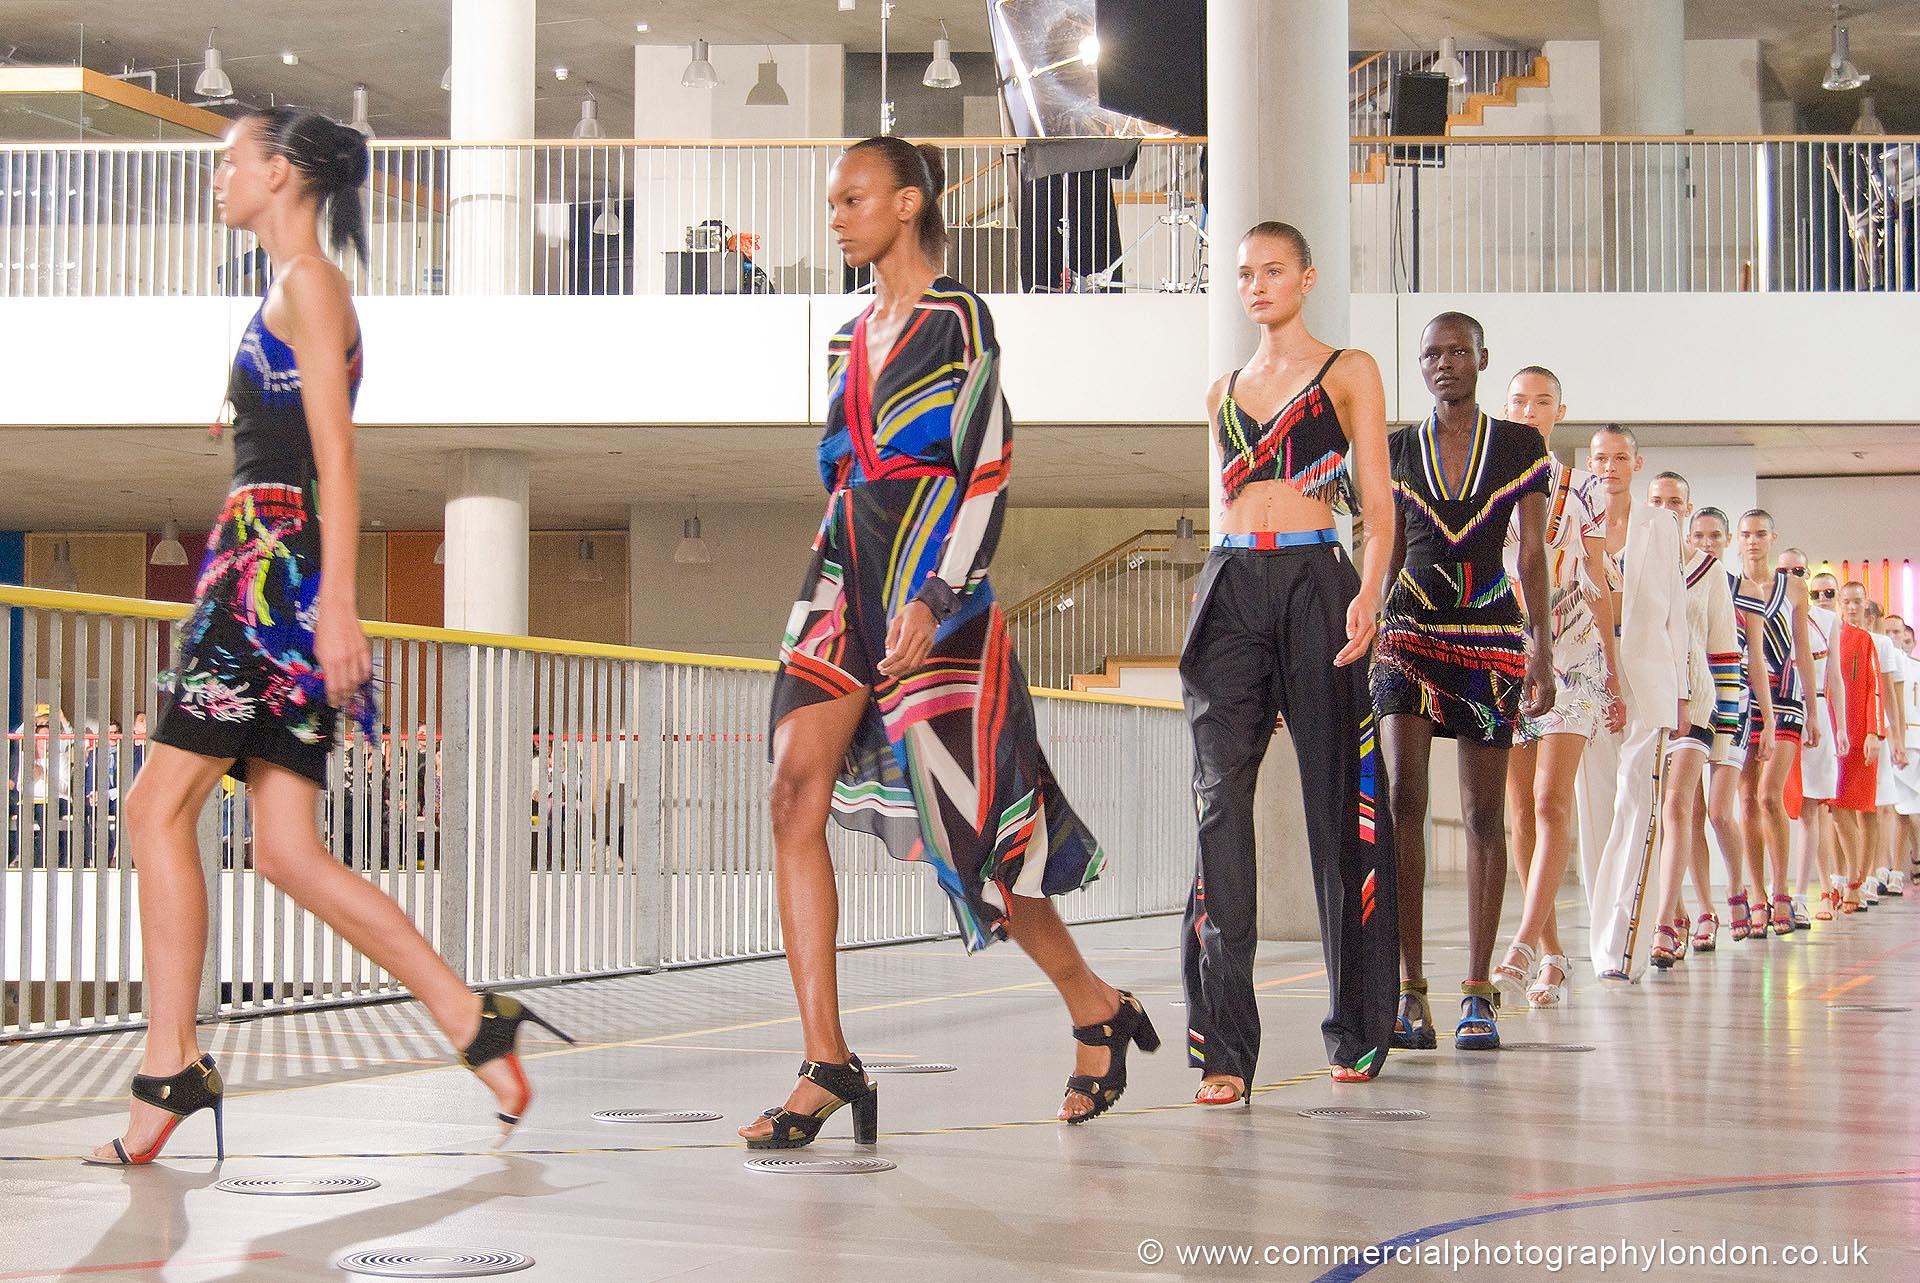 Fashion photographer London portfolio photo - Preen by Thornton Bregazzi 5